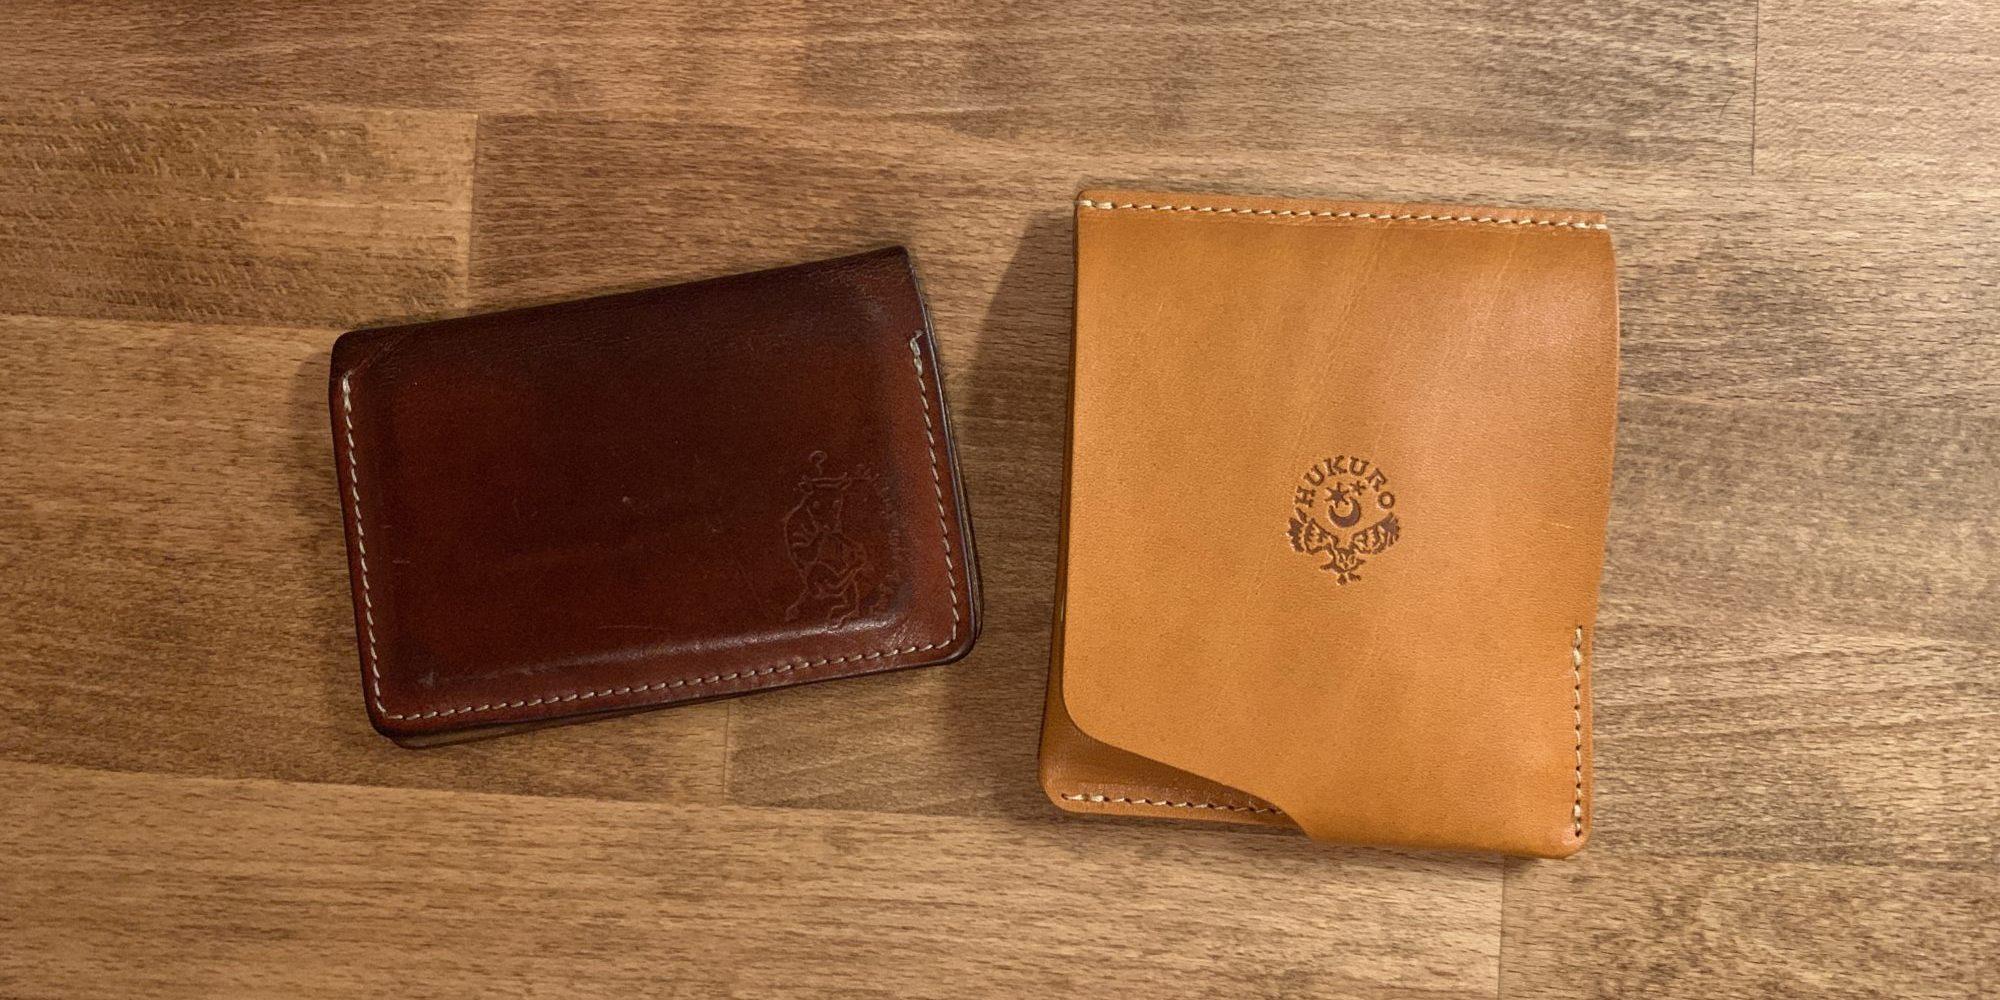 新しい財布・最後の財布